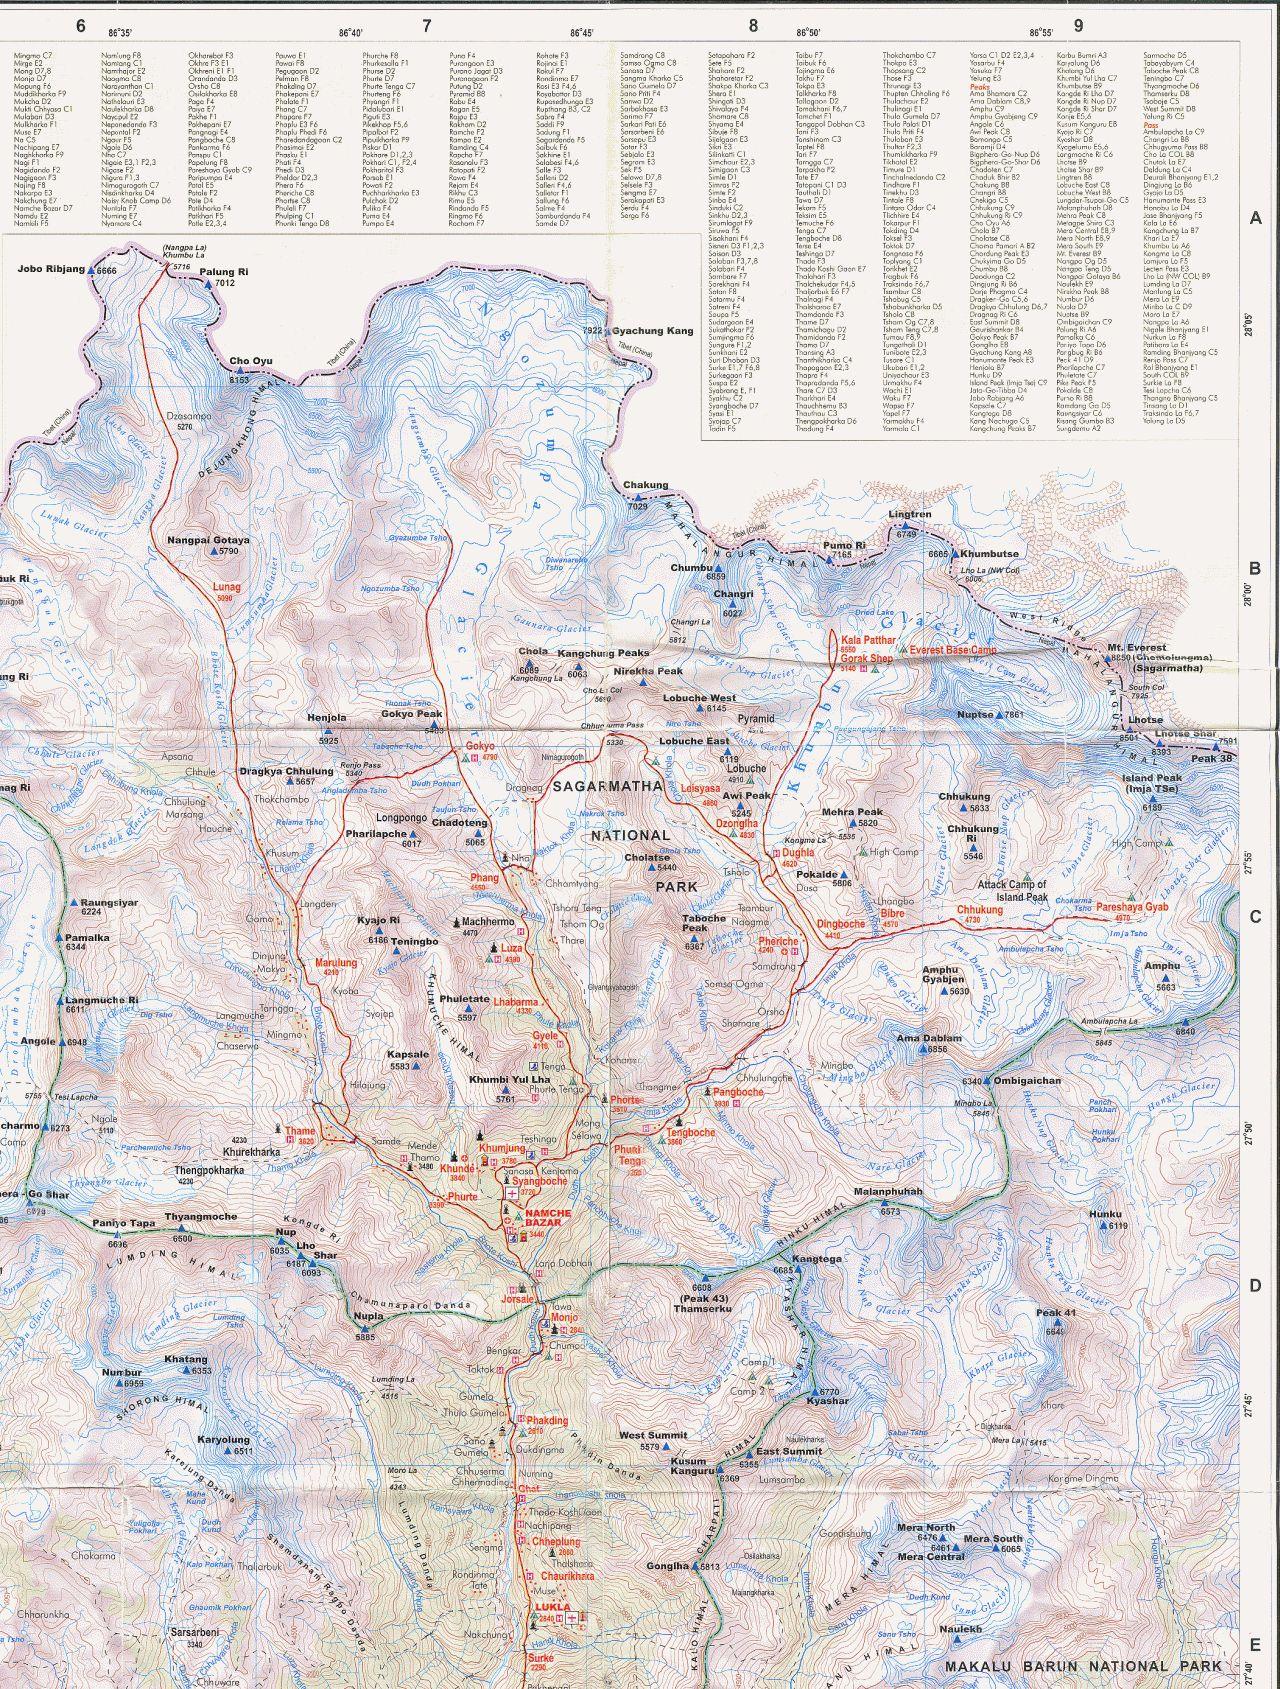 Фрагмент скана бумажной карты Национального парка Сагарматха,  масштаб 1:125000 (для увеличения надо 'открыть в новом окне')